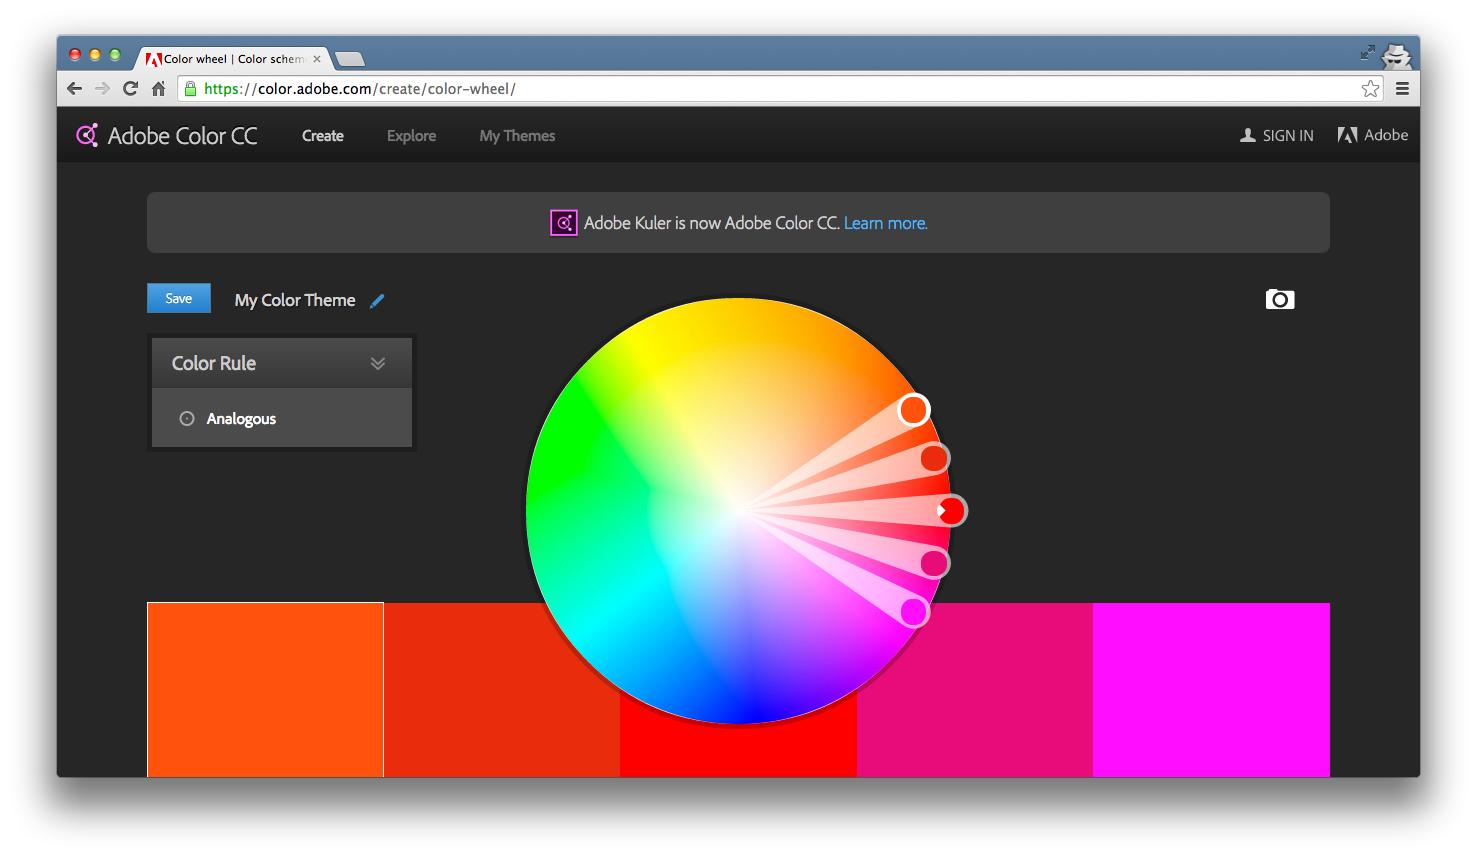 Color adobe online - Color Adobe Online 49